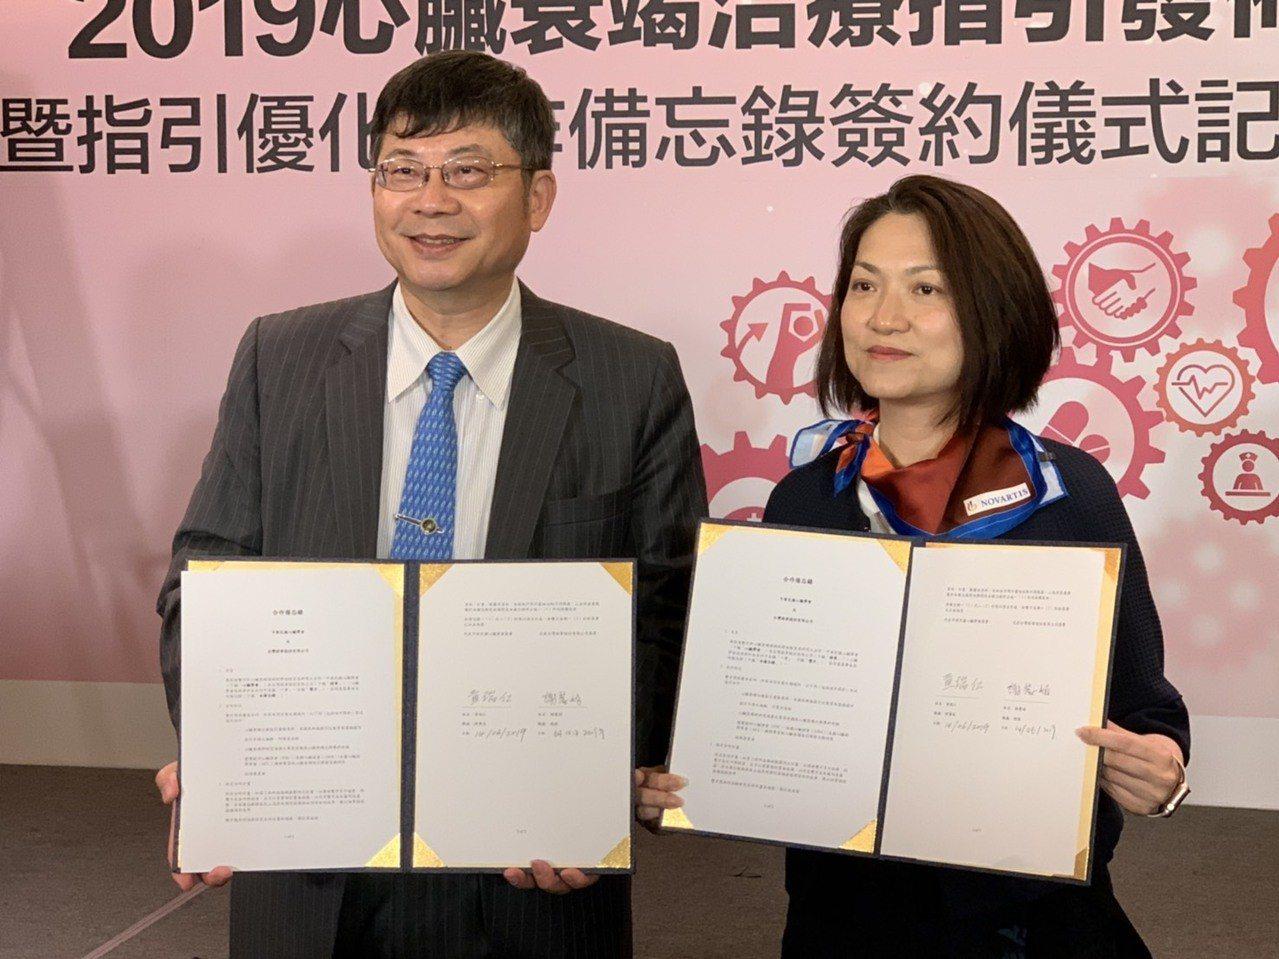 中華民國心臟學會理事長黃瑞仁(左)代表,與台灣諾華總裁謝麗娟(右)今天簽訂合作備...